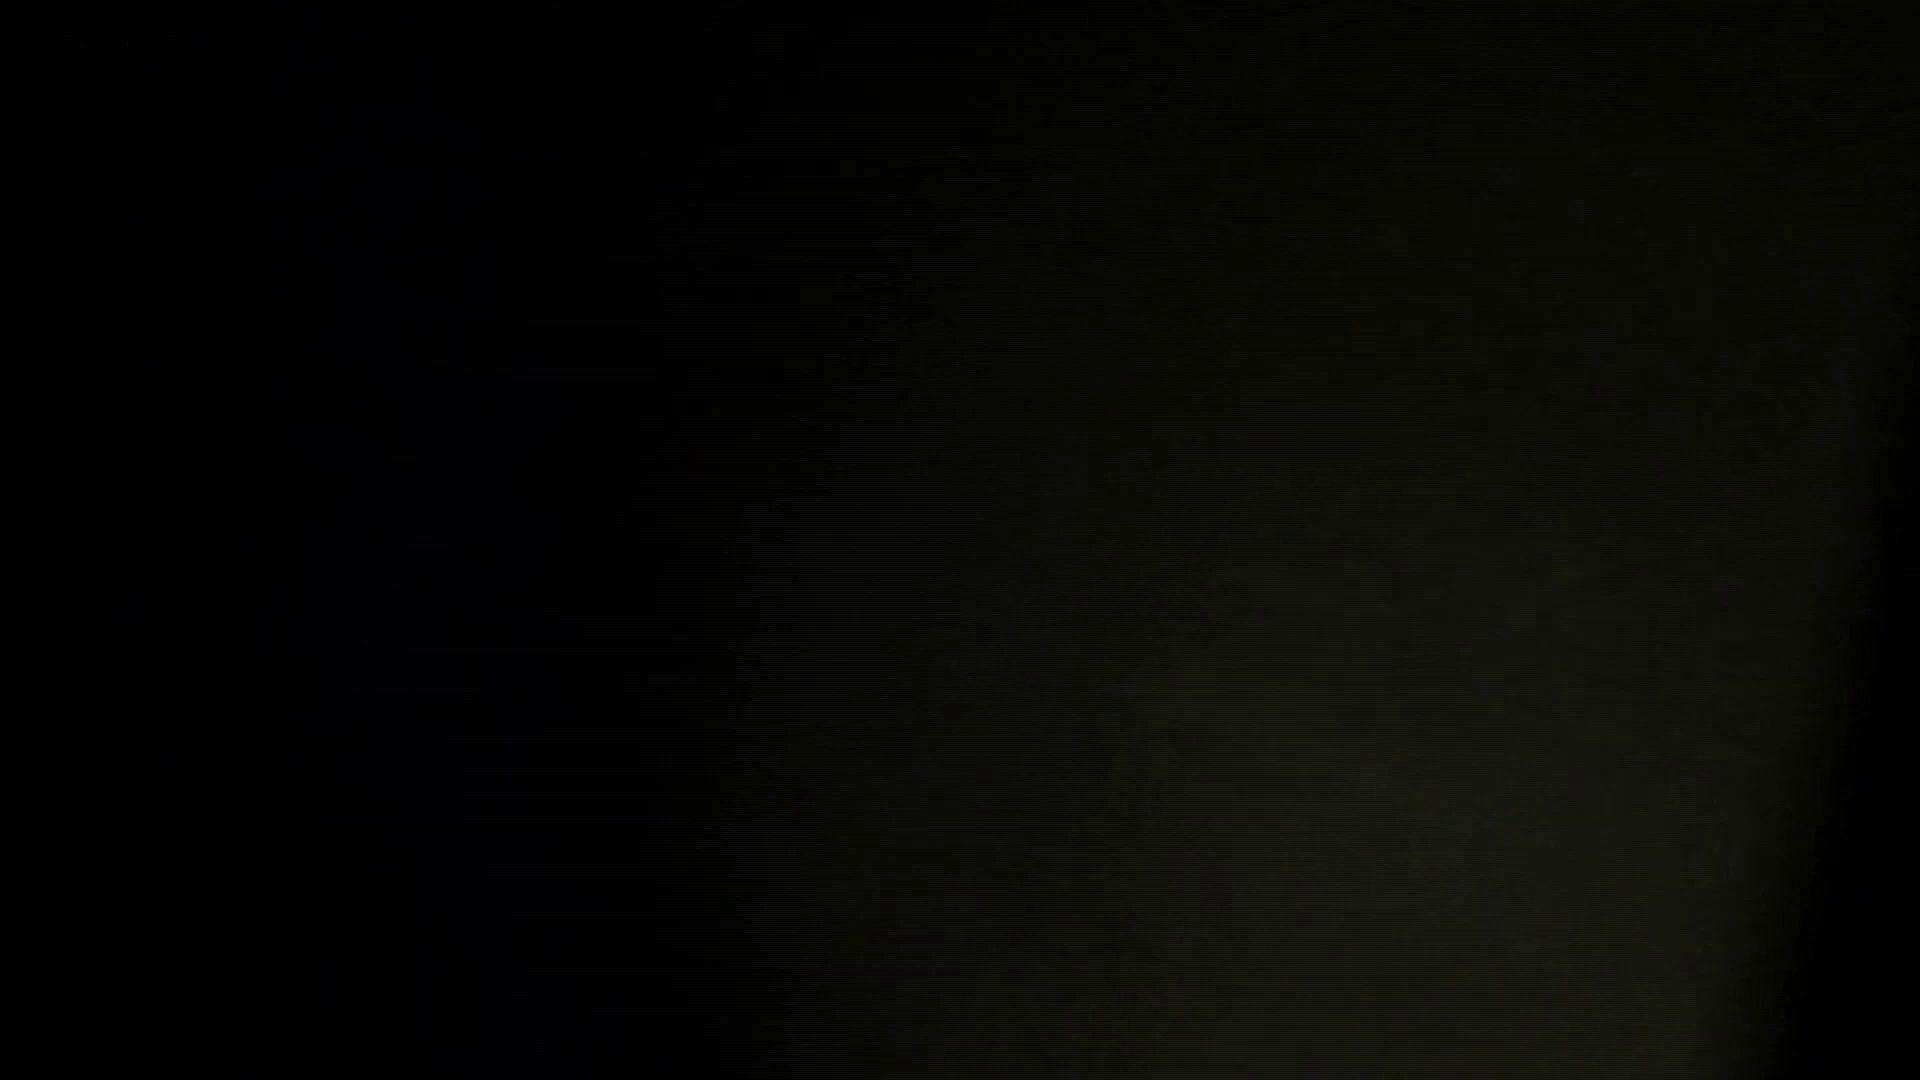 ステーション編 vol40 更に画質アップ!!無料動画のモデルつい登場3 ギャル達 | 洗面所のぞき  85枚 19